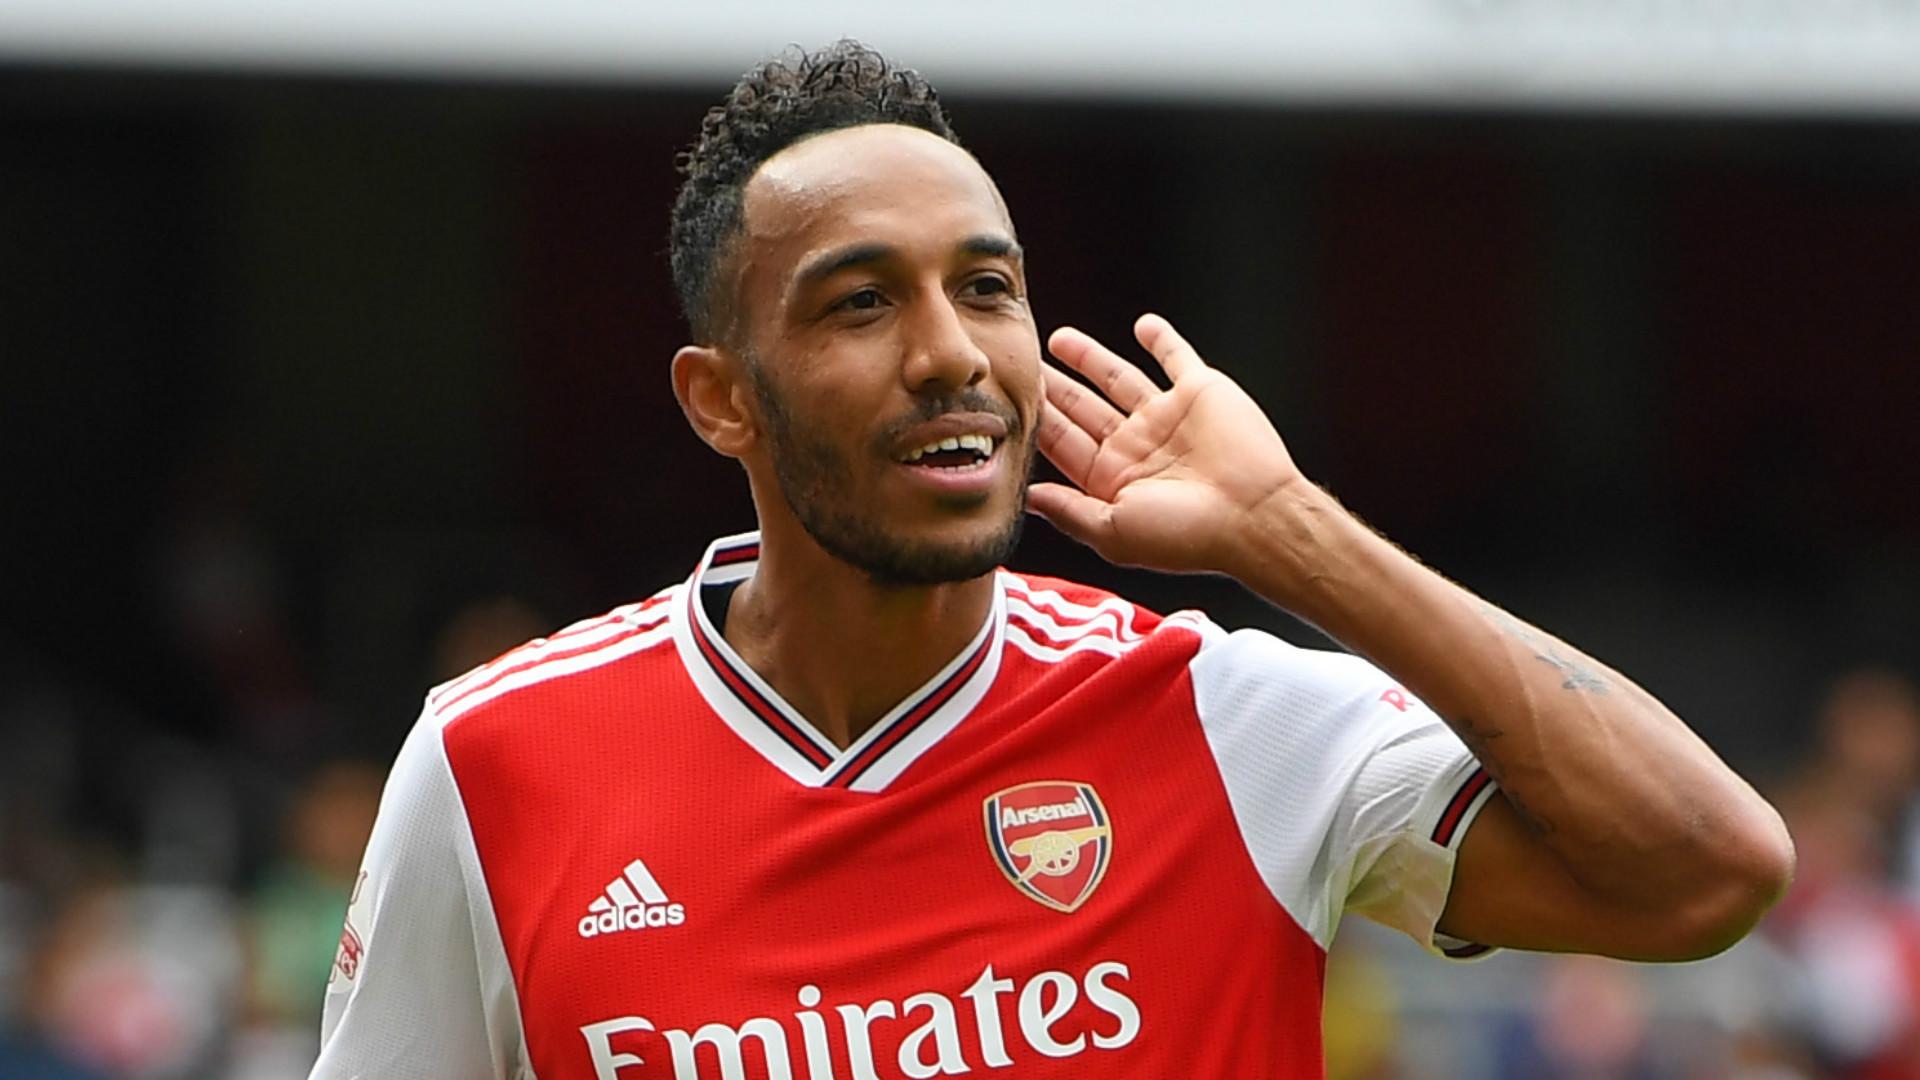 Garth Crooks khẳng định Arsenal đang quá phụ thuộc vào Aubameyang | Bóng Đá